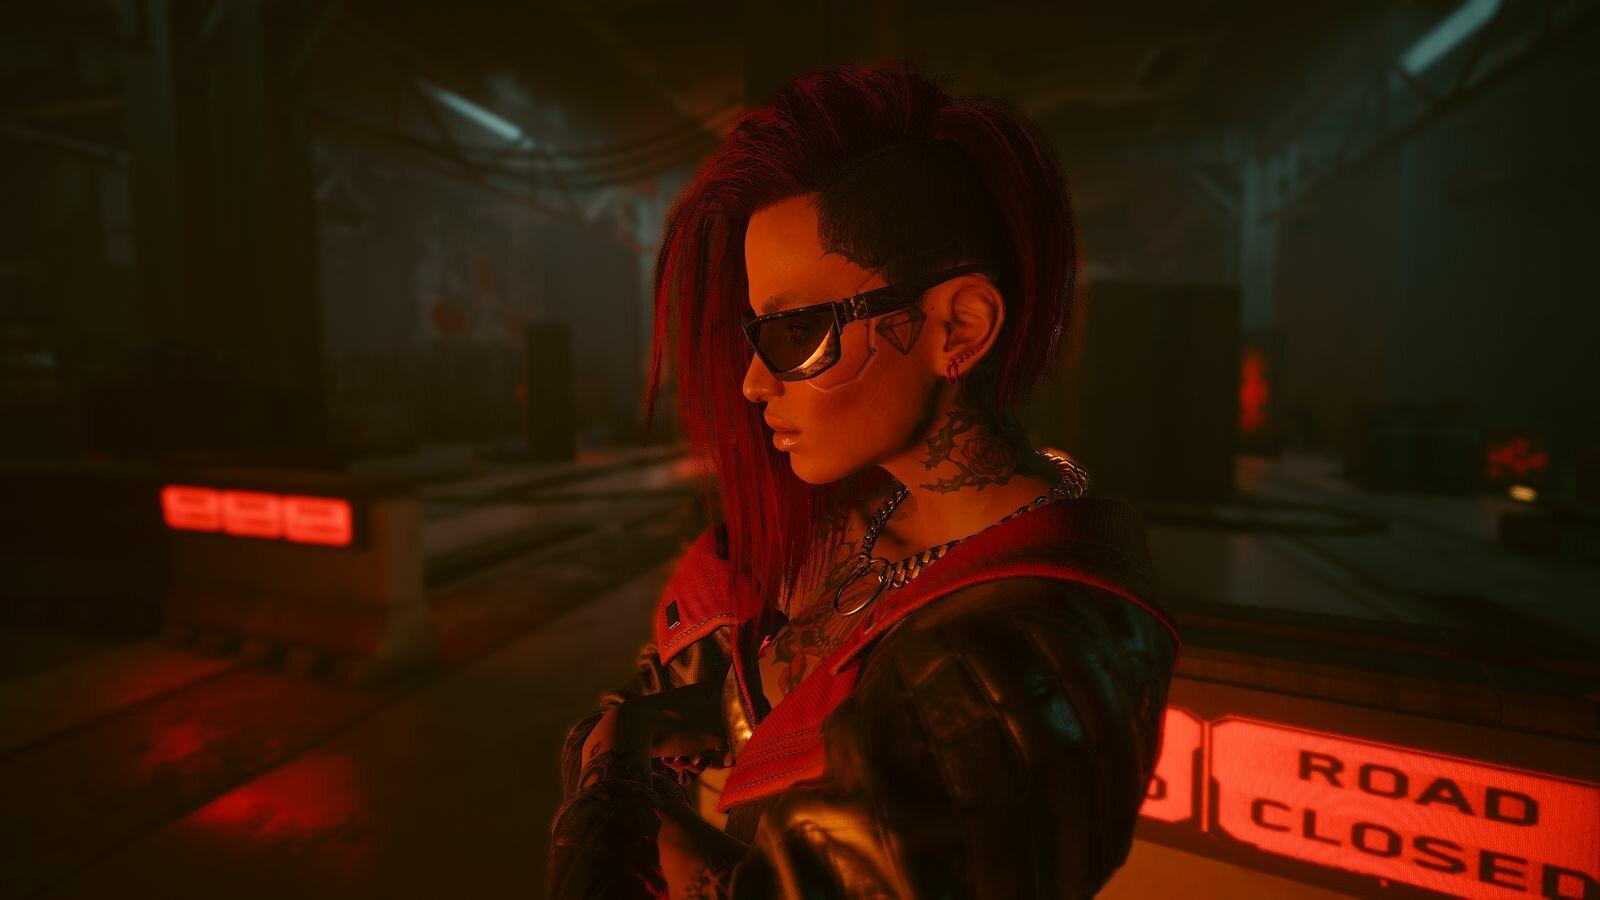 На стиле.. ;) Cyberpunk 2077